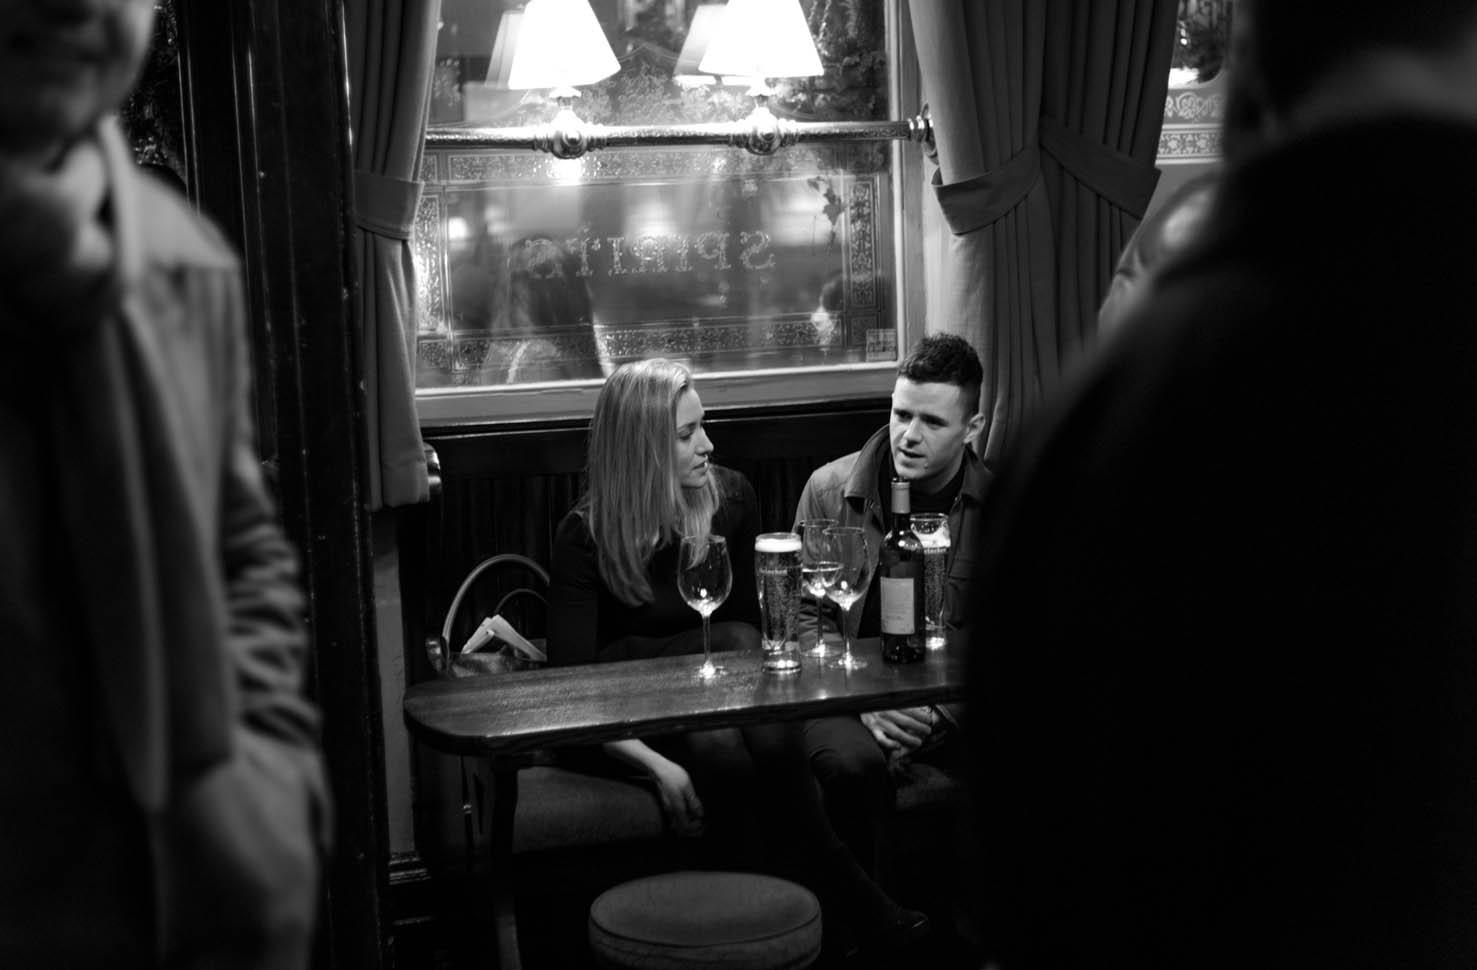 Couple in the pub (© 2013 David Ringel)